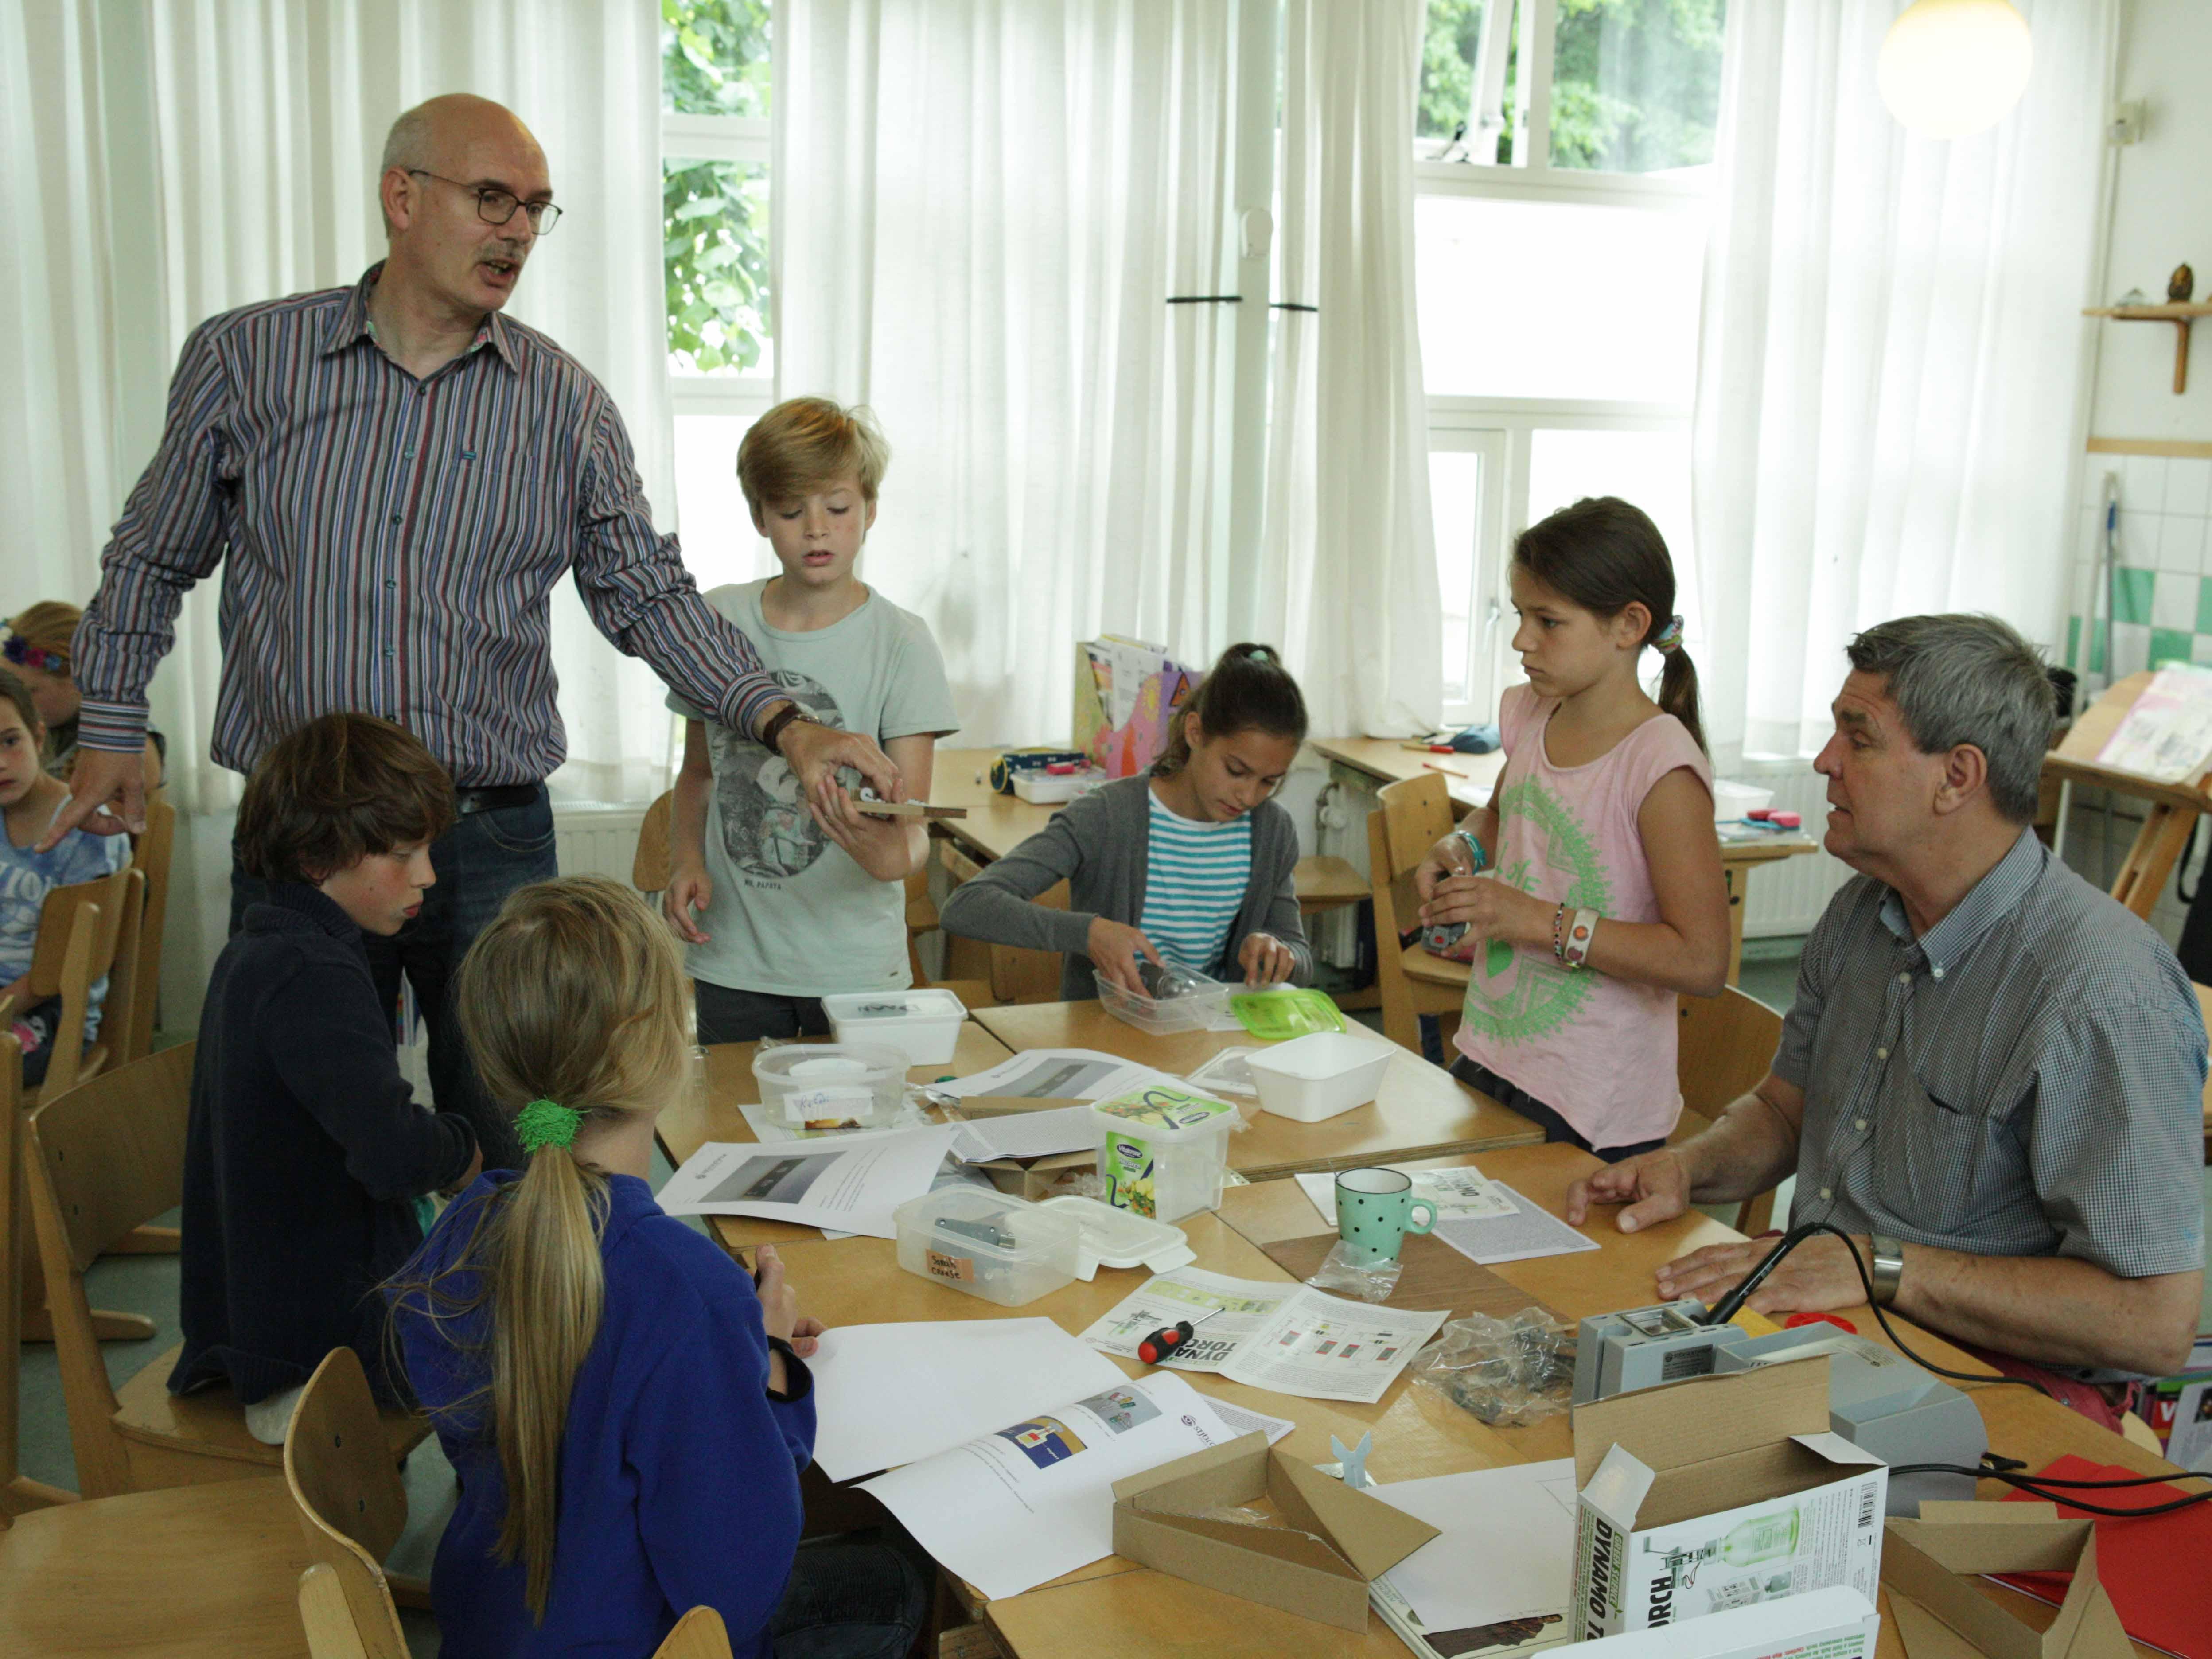 Sijbrand Seine Techniekles Basisschool